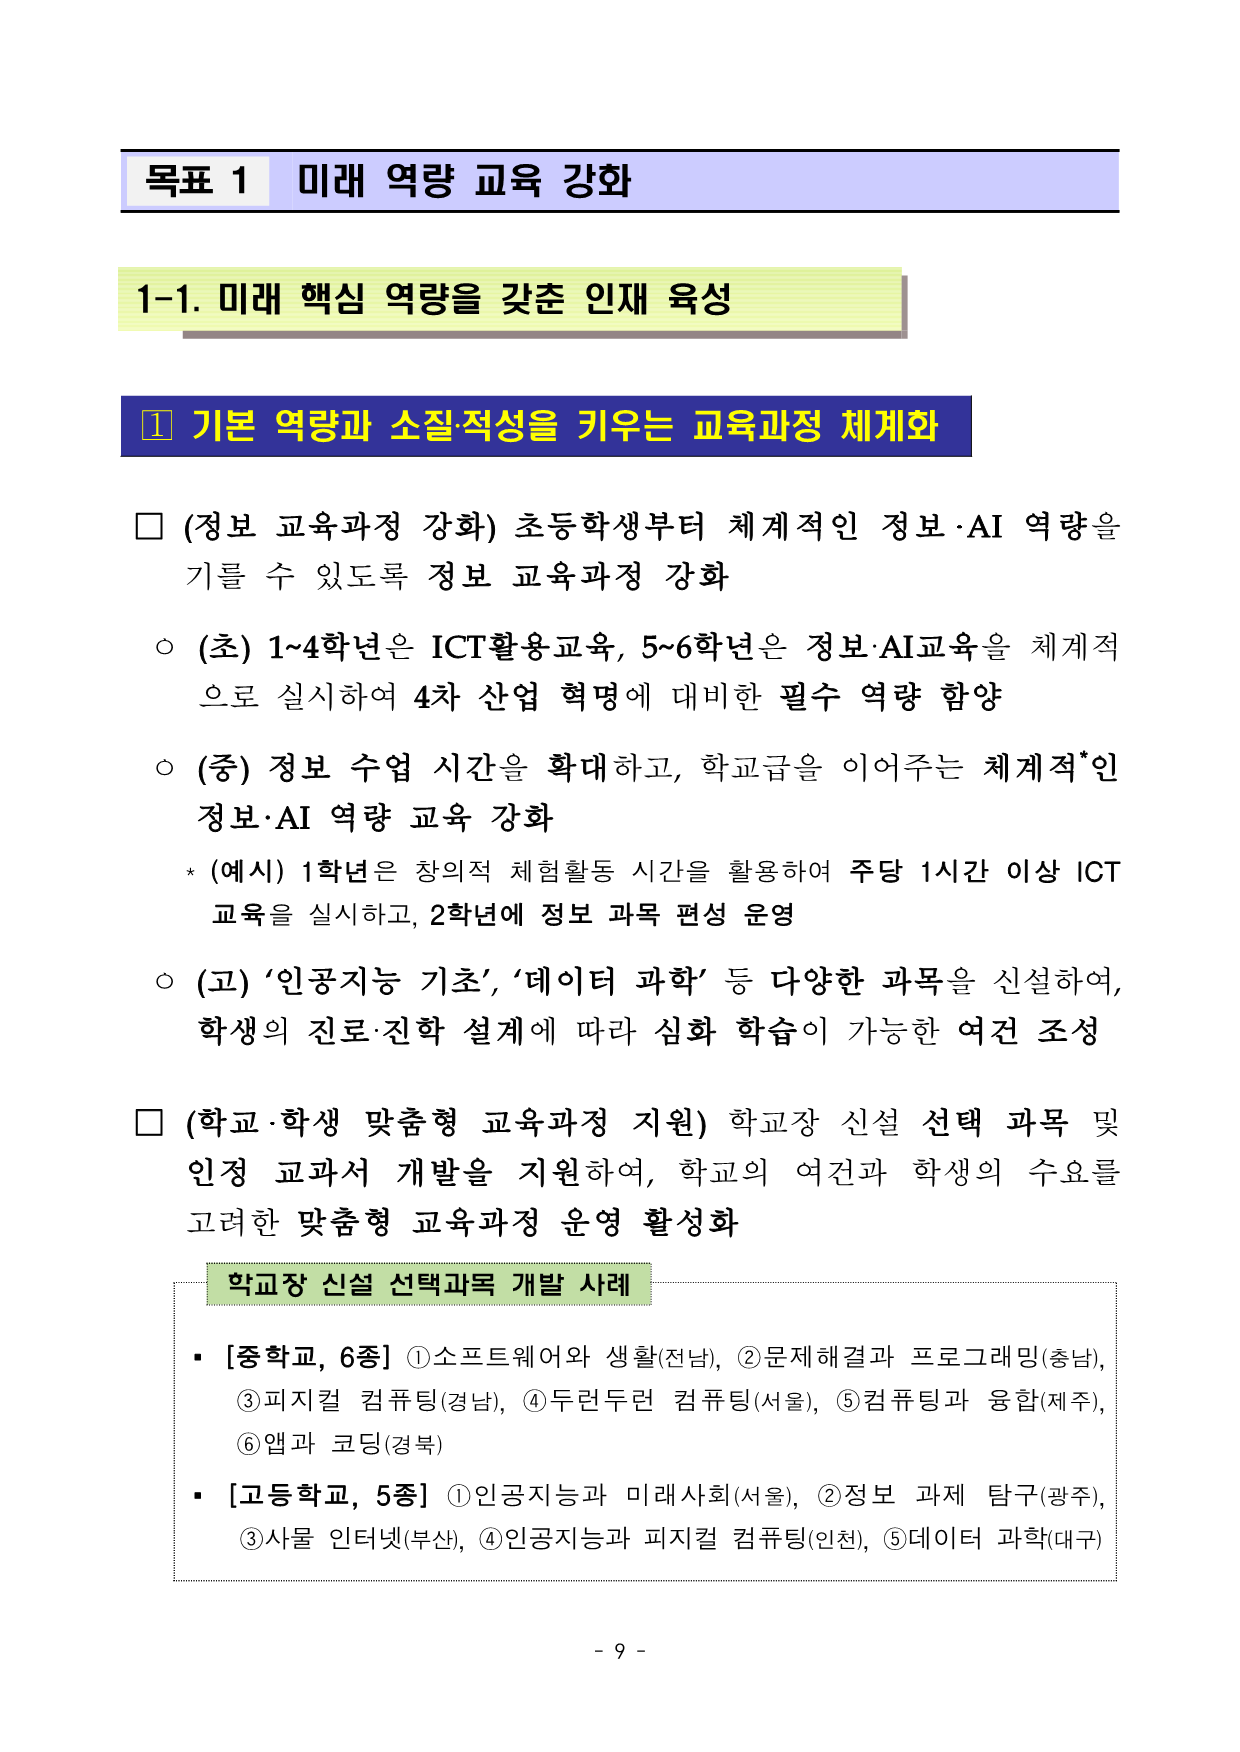 붙임 2-3. 정보교육 종합계획(안)_11.png